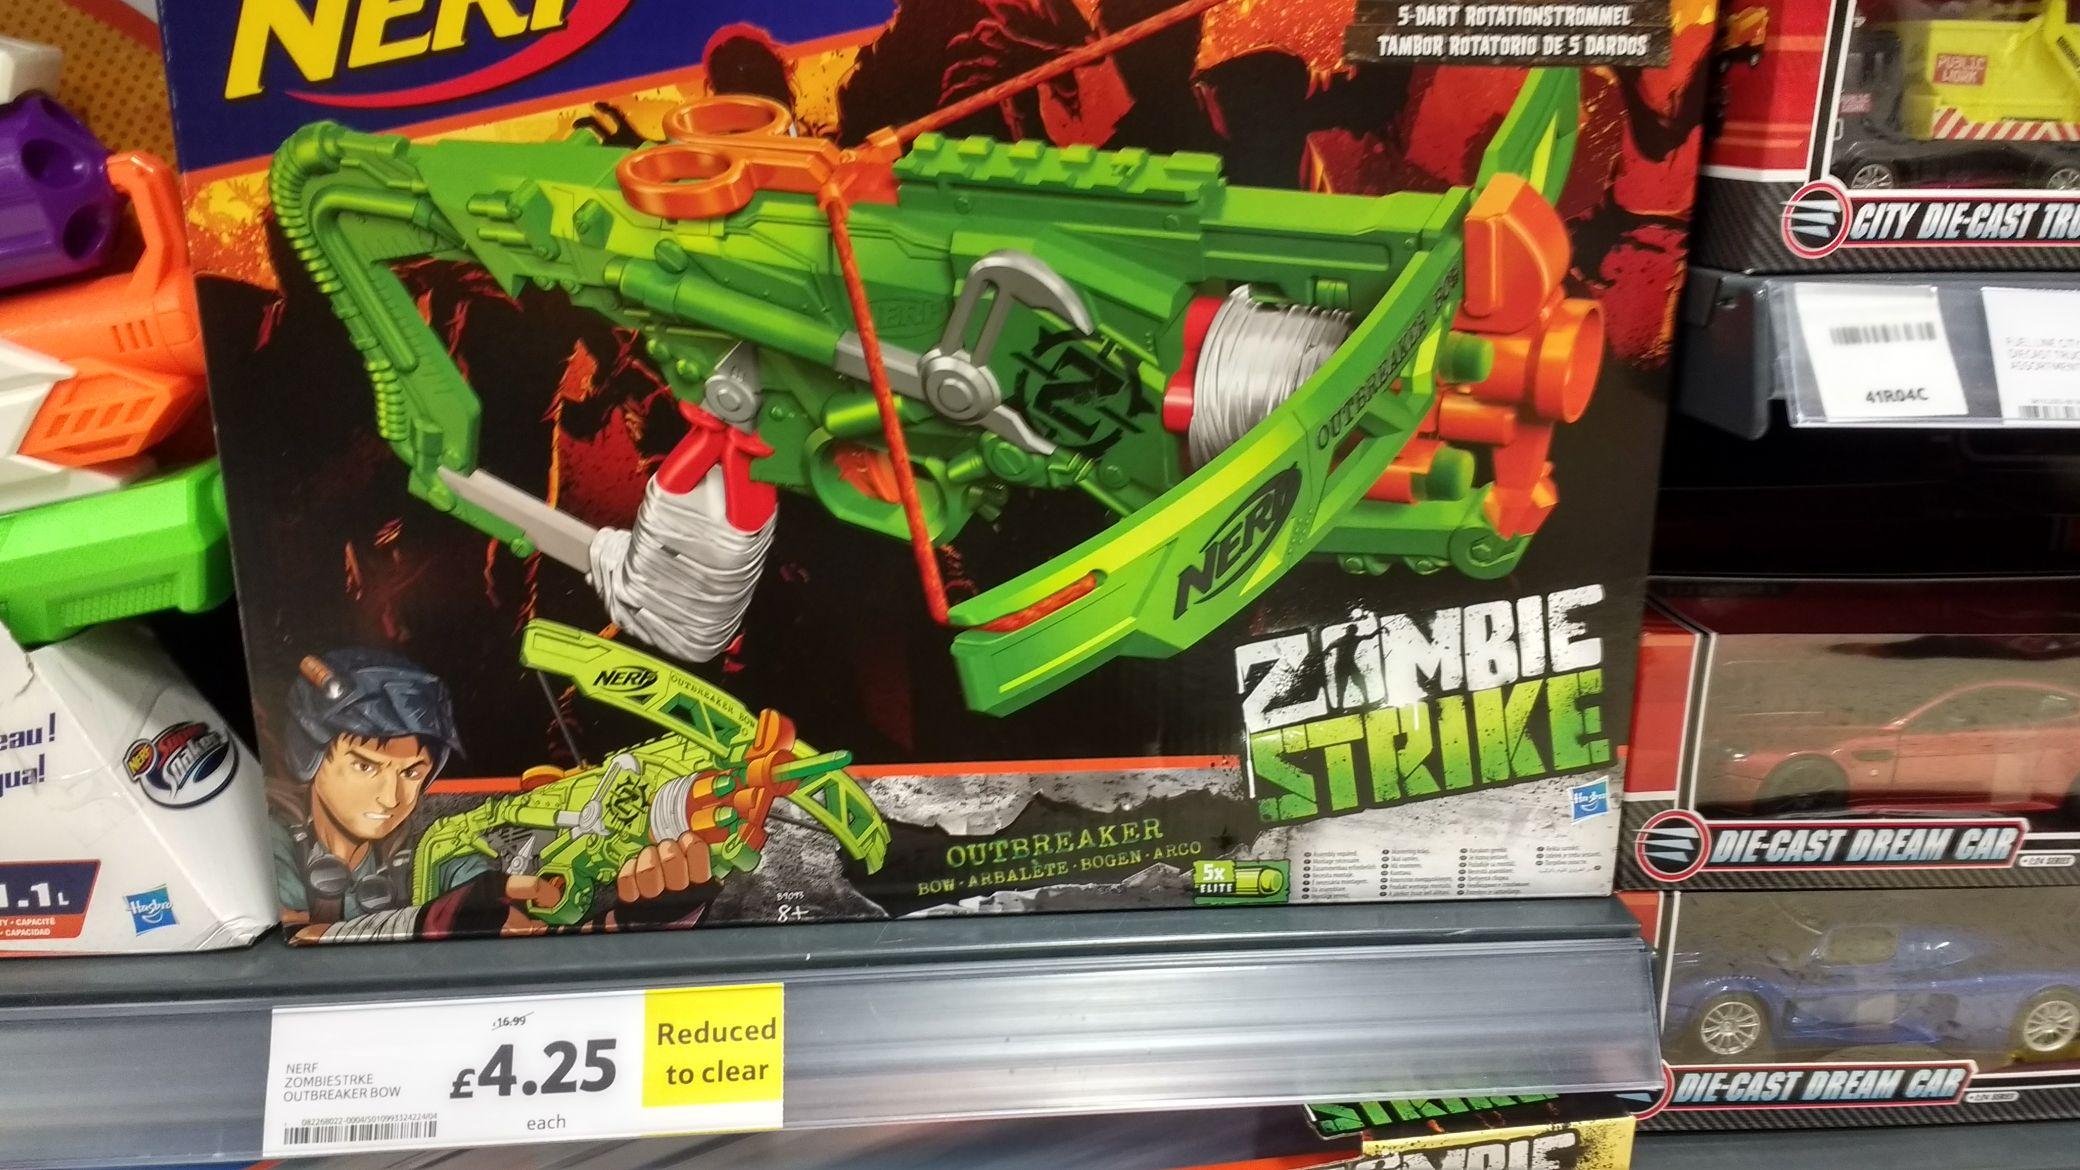 Nerf Zombiestrike Outbreaker Bow Tesco Newtownbreda - £4.25